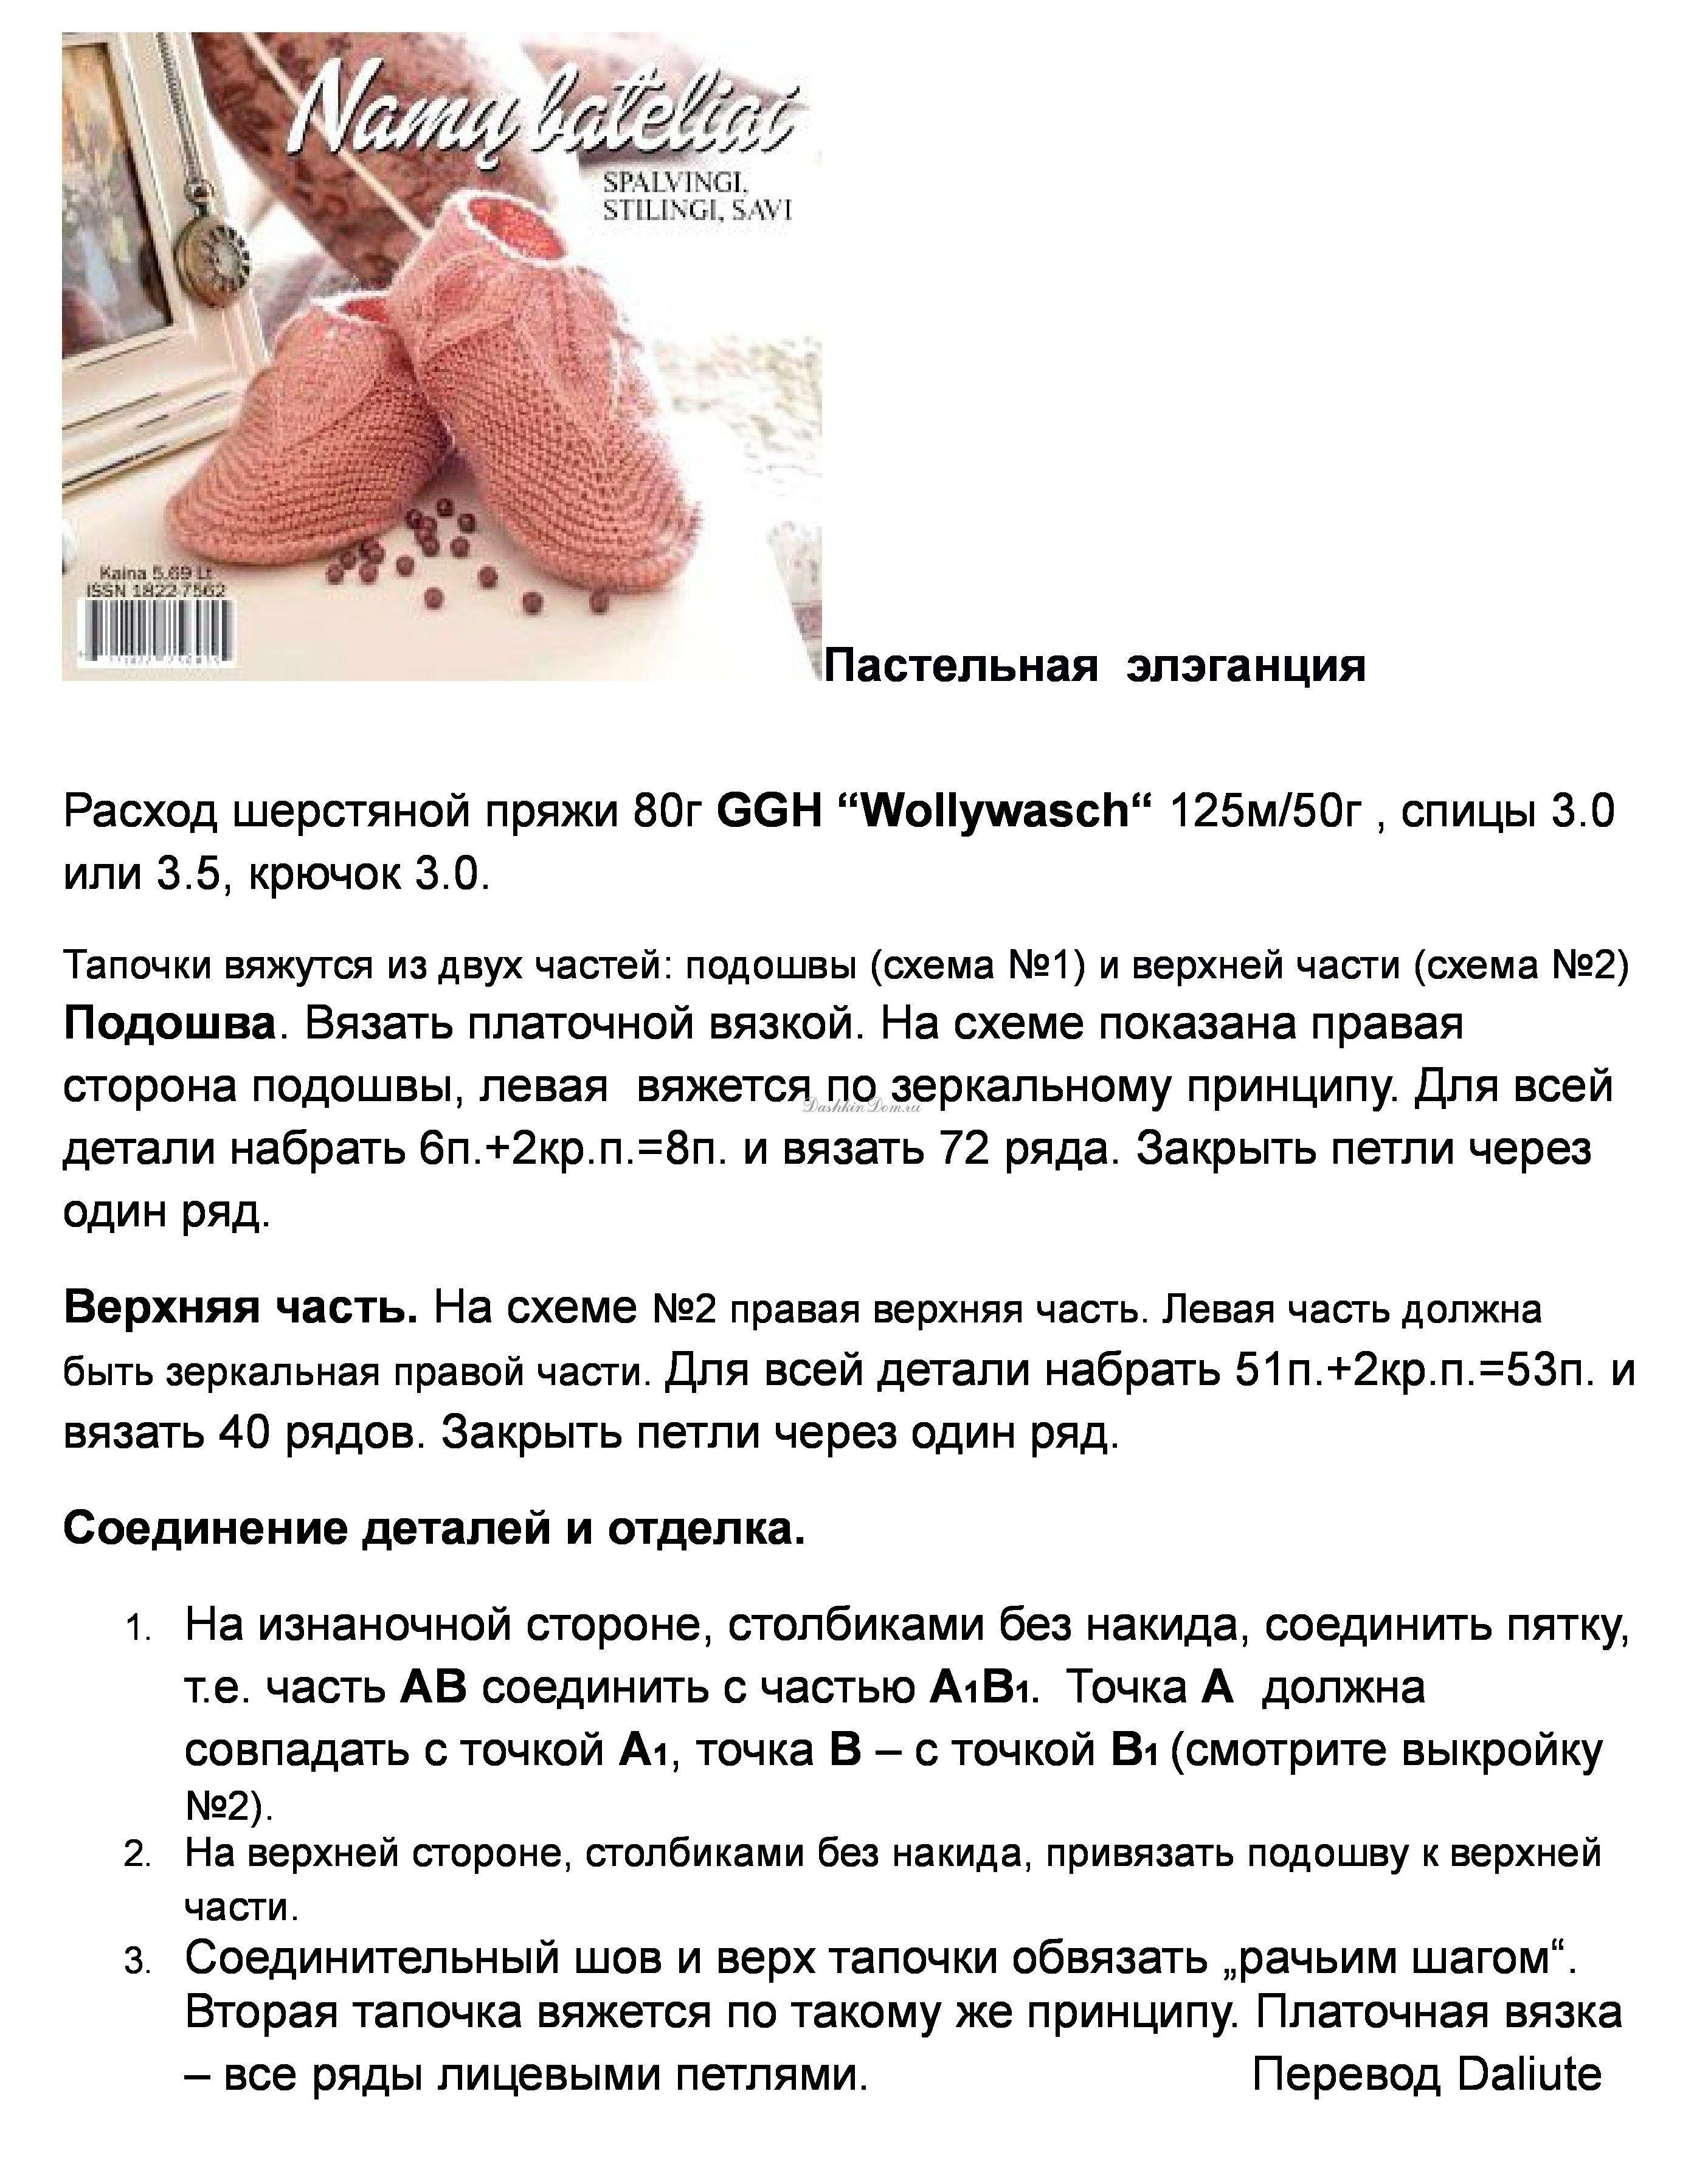 Ореховый пирог рецепт с фото пошагово областного мчс